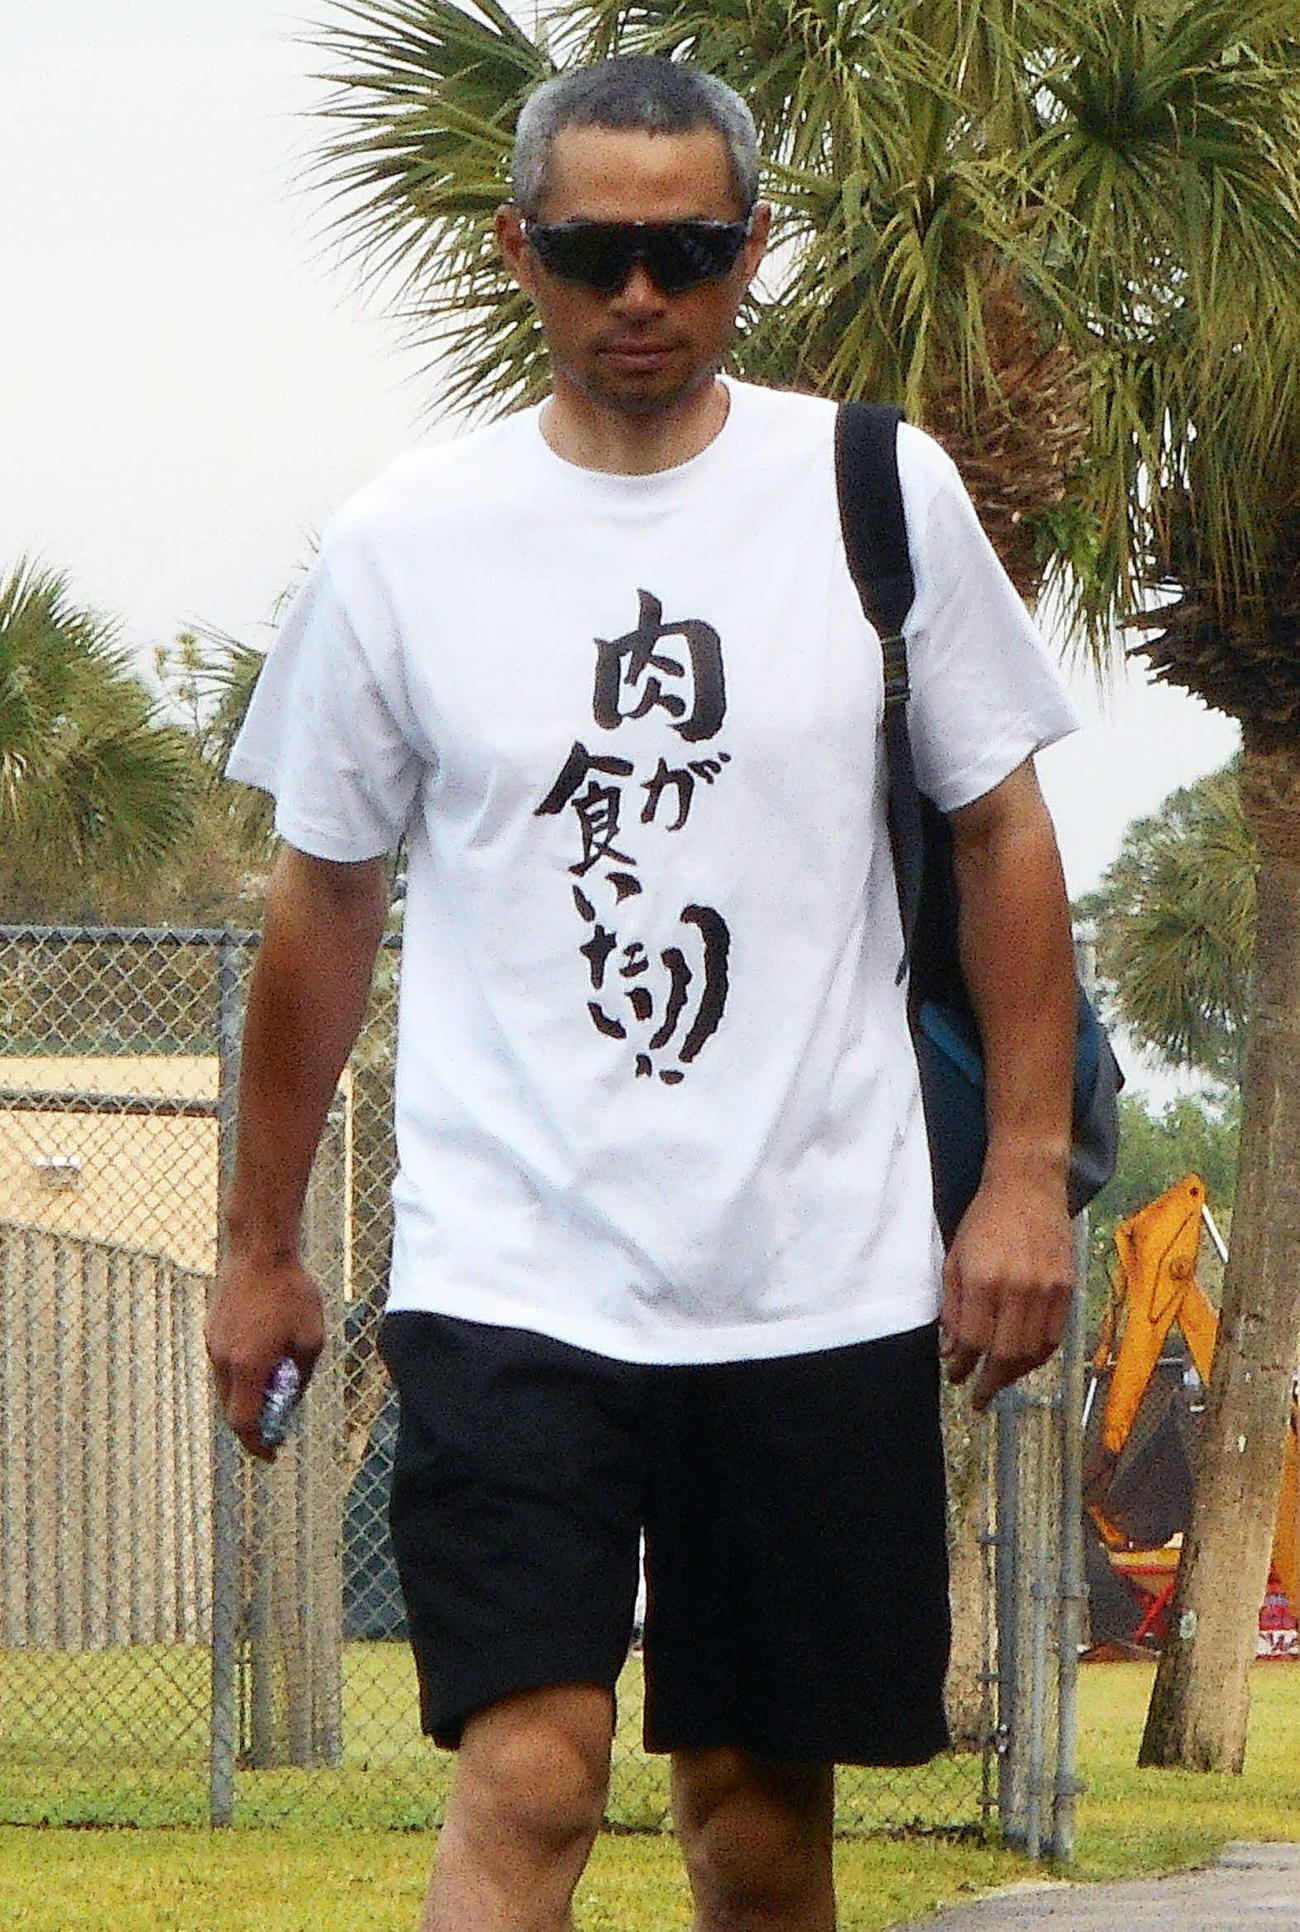 17年、「肉」Tシャツでキャンプ施設入りするイチロー